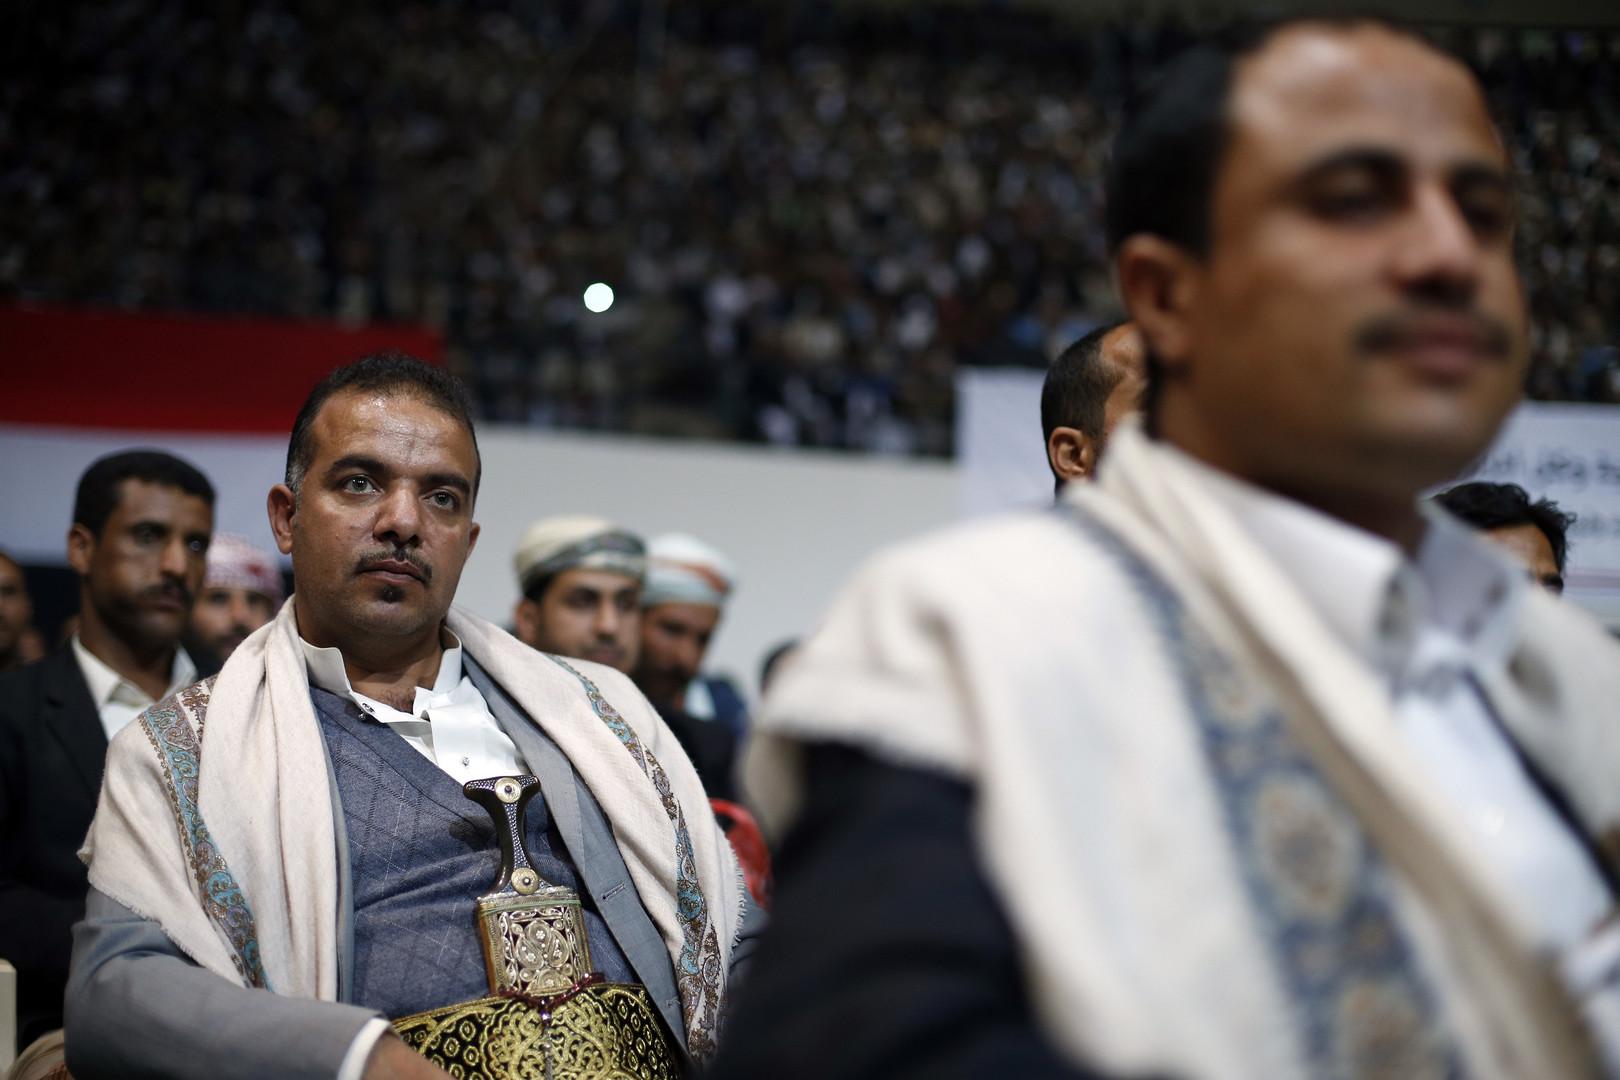 أحزاب يمنية تعلق مفاوضاتها مع الحوثيين